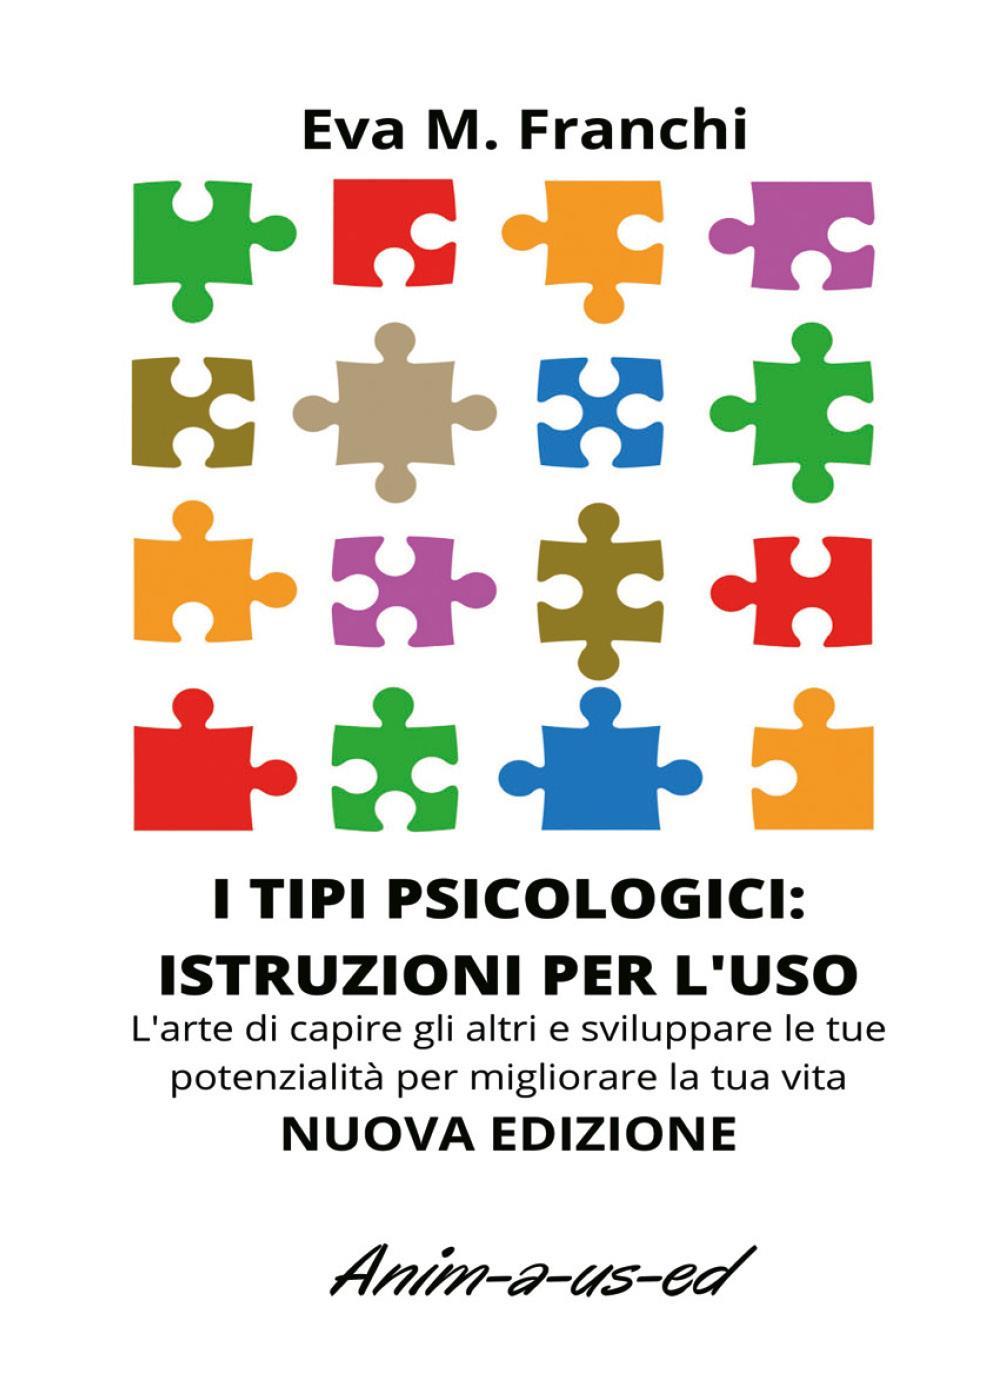 I tipi psicologici: istruzioni per l'uso. L'arte di capire gli altri e sviluppare le tue potenzialità per migliorare la tua vita